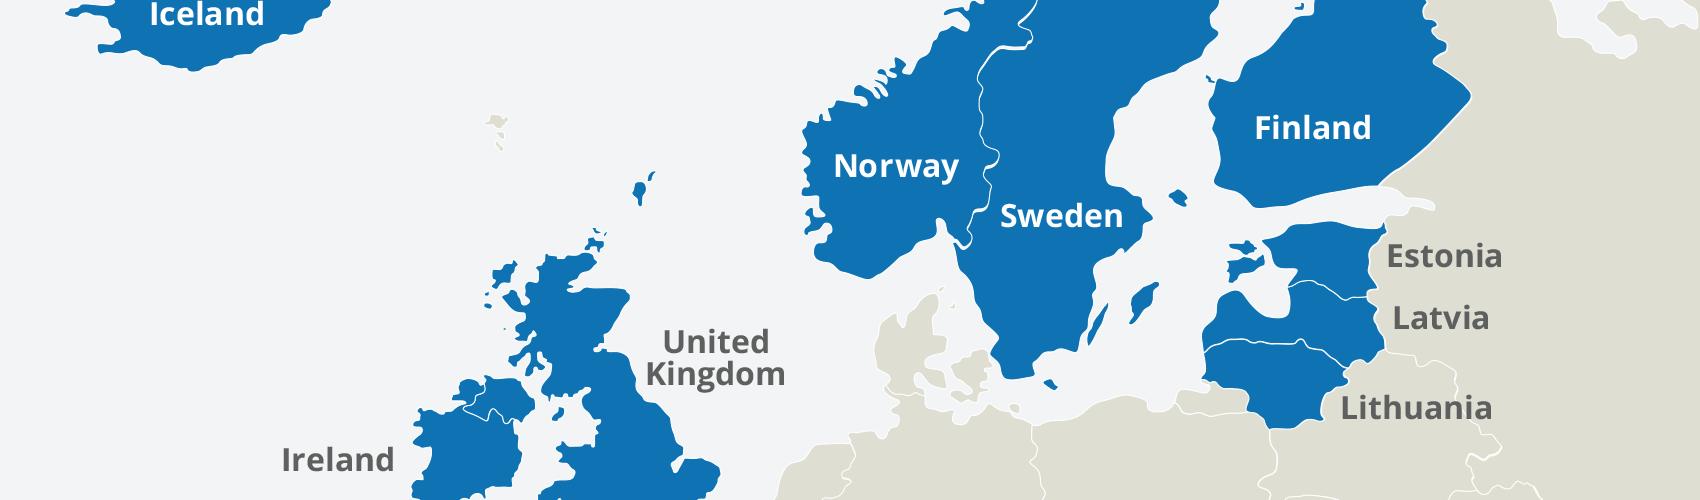 عدد دول اوروبا الاحصائيه لعام 2021 المسافرون الى اوروبا